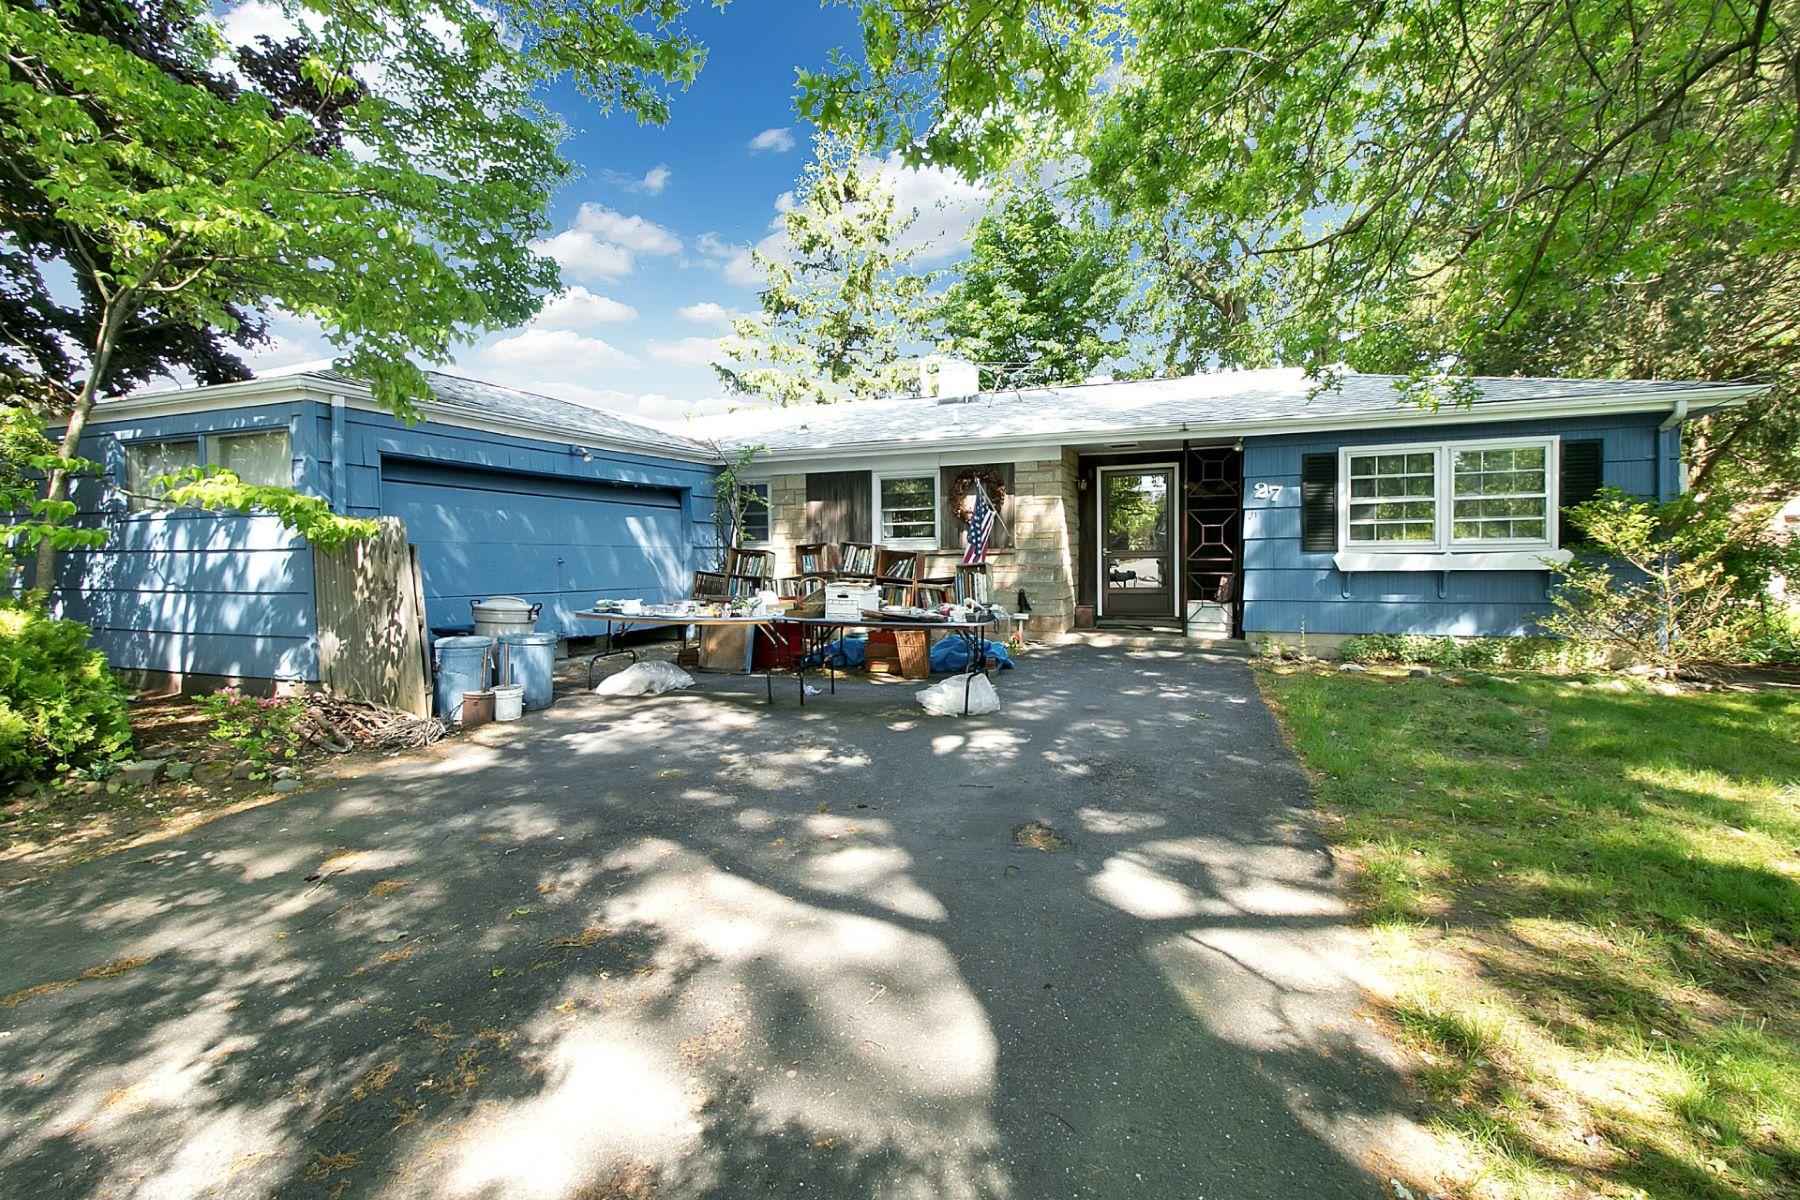 Casa Unifamiliar por un Venta en One Floor Living 27 Sullivan Dr. Emerson, Nueva Jersey 07630 Estados Unidos